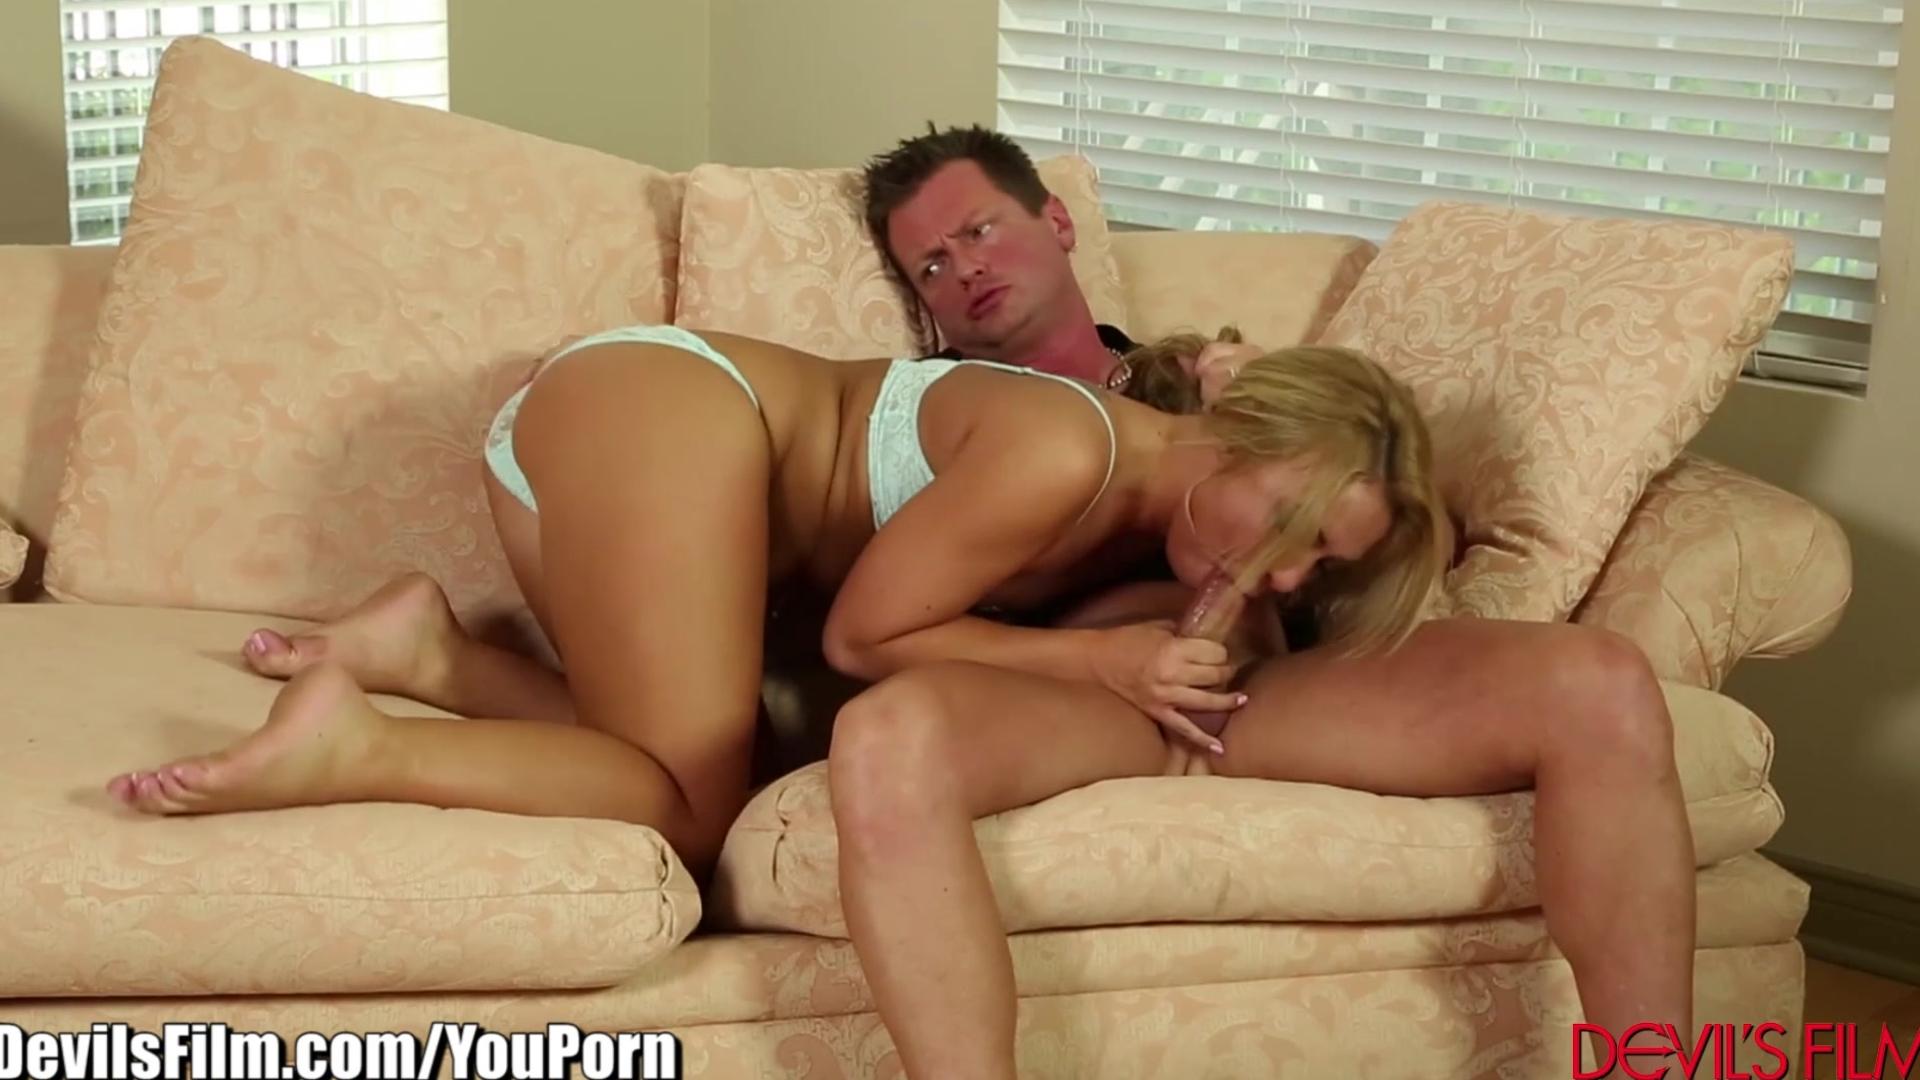 Смотреть порно онлайн в hd качестве мама 1 фотография